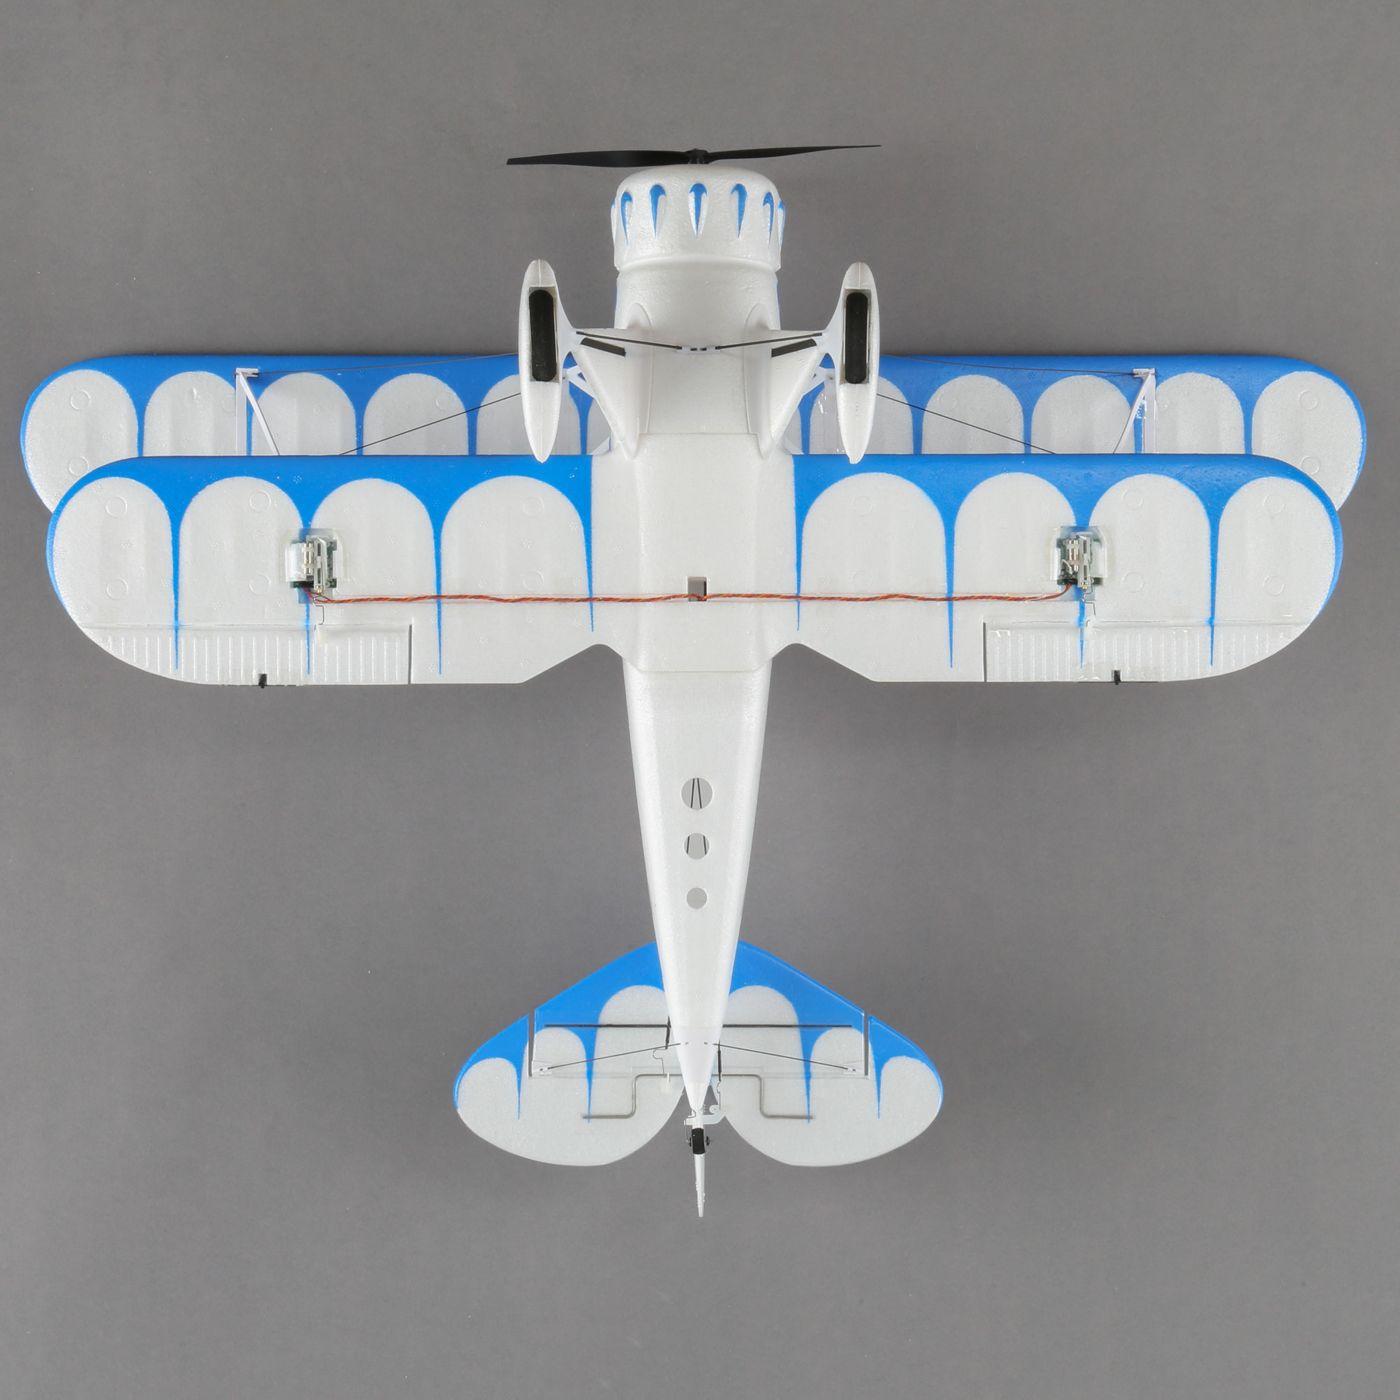 UMX Waco E-flite